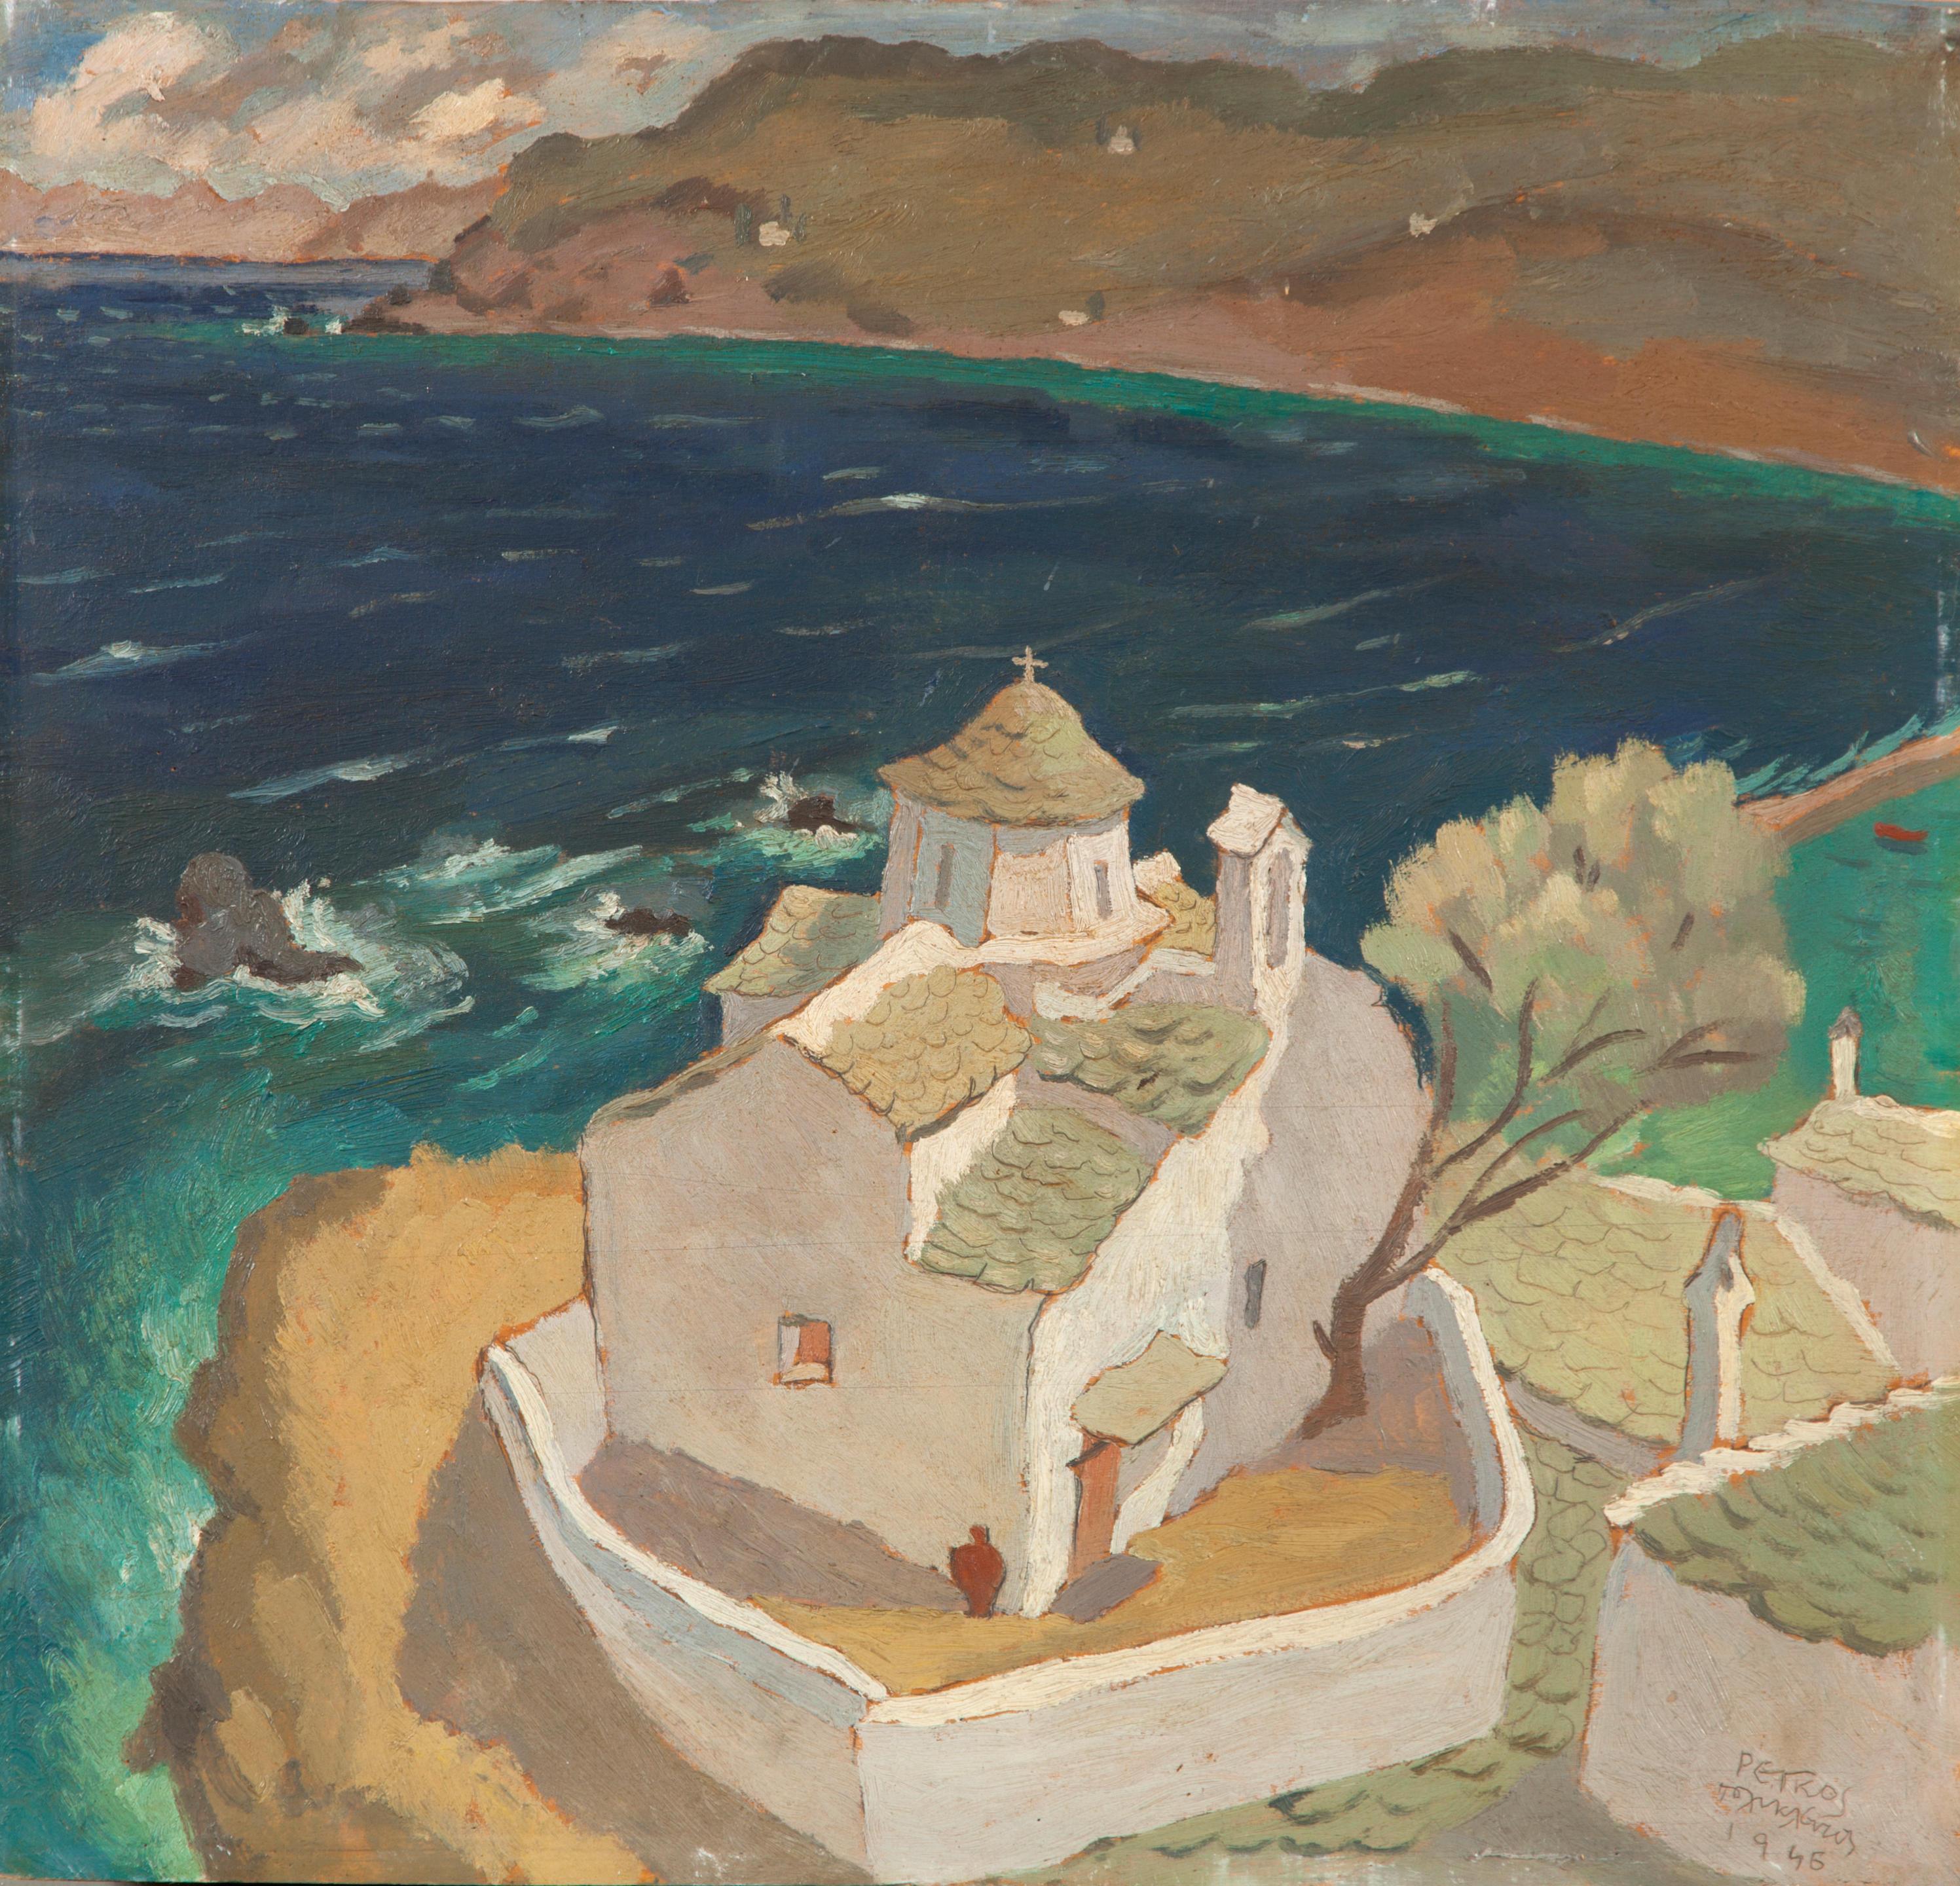 Polykleitos Rengos (Greek, 1903-1984)